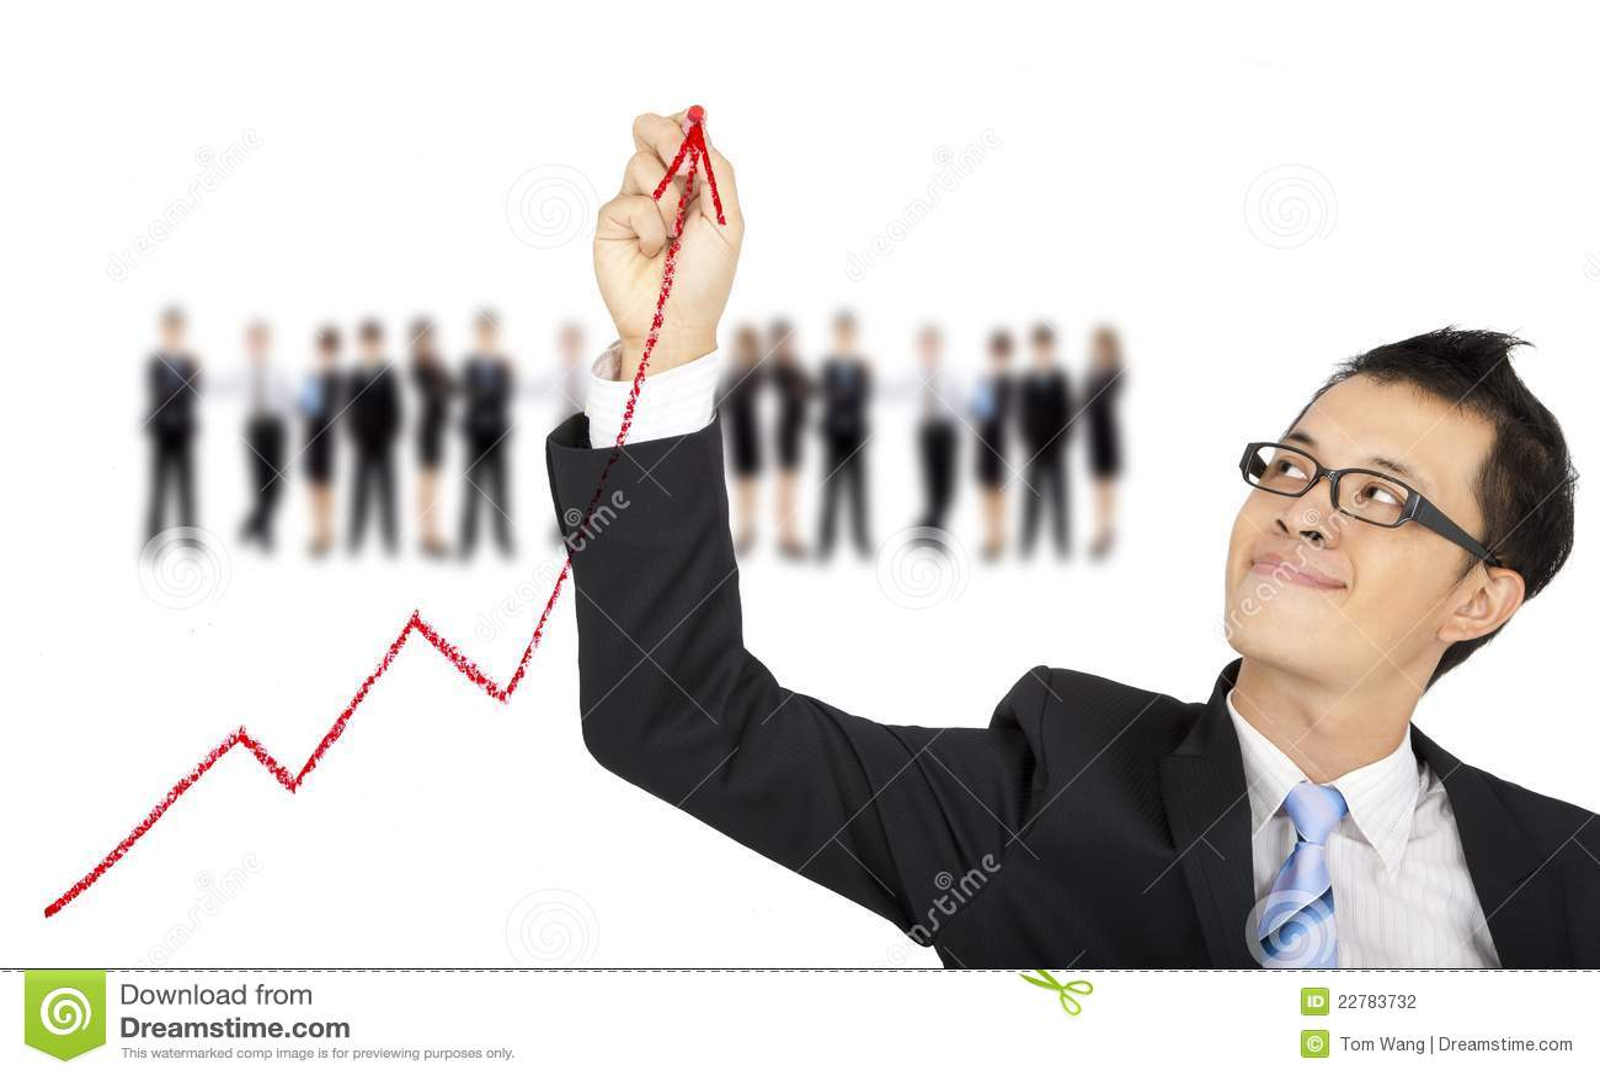 企业生意人图画图形